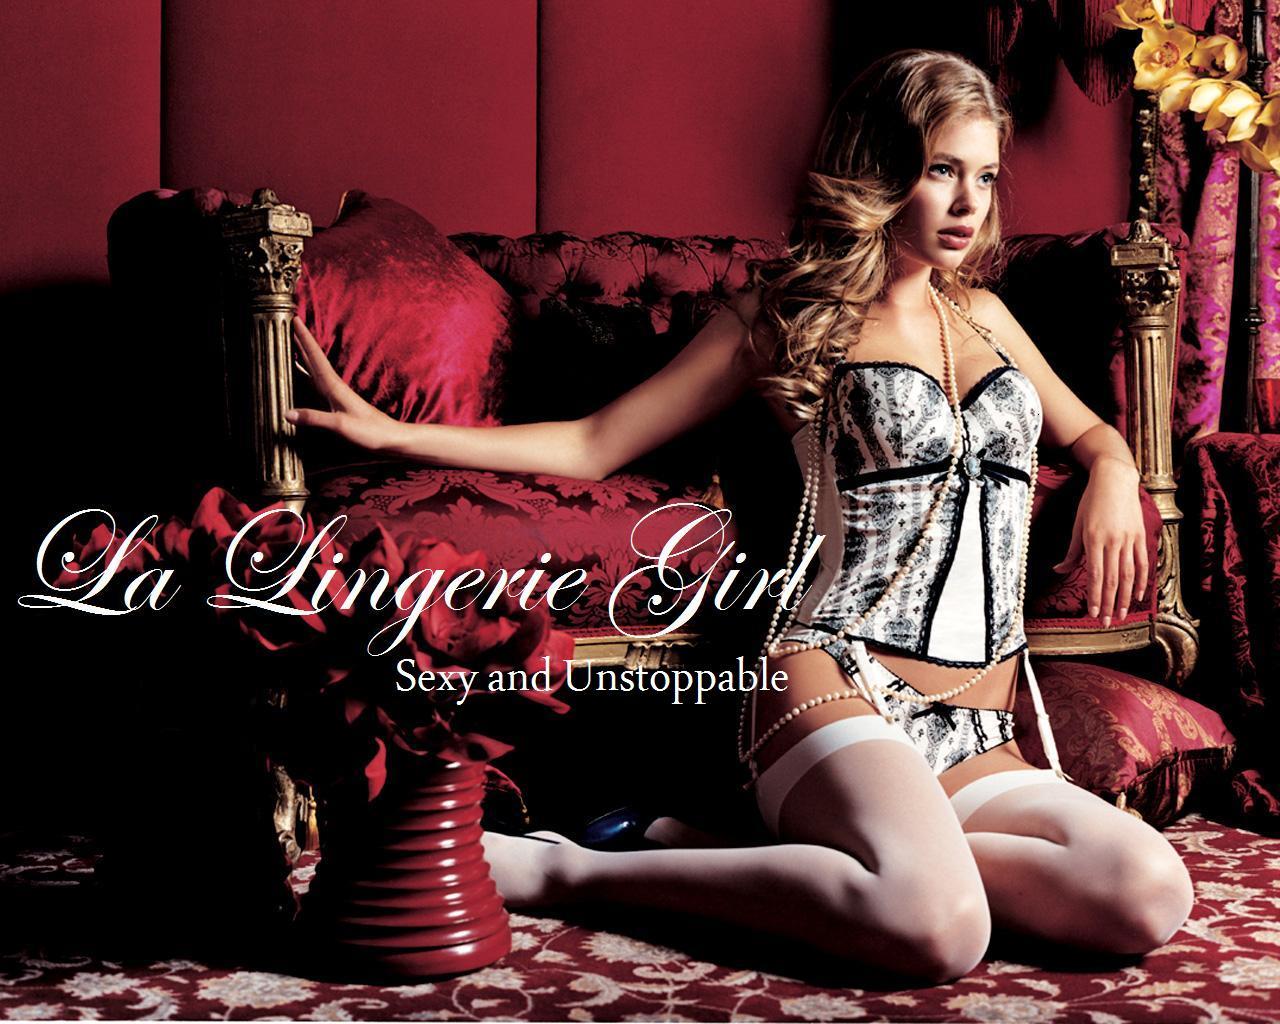 La Lingerie Girl